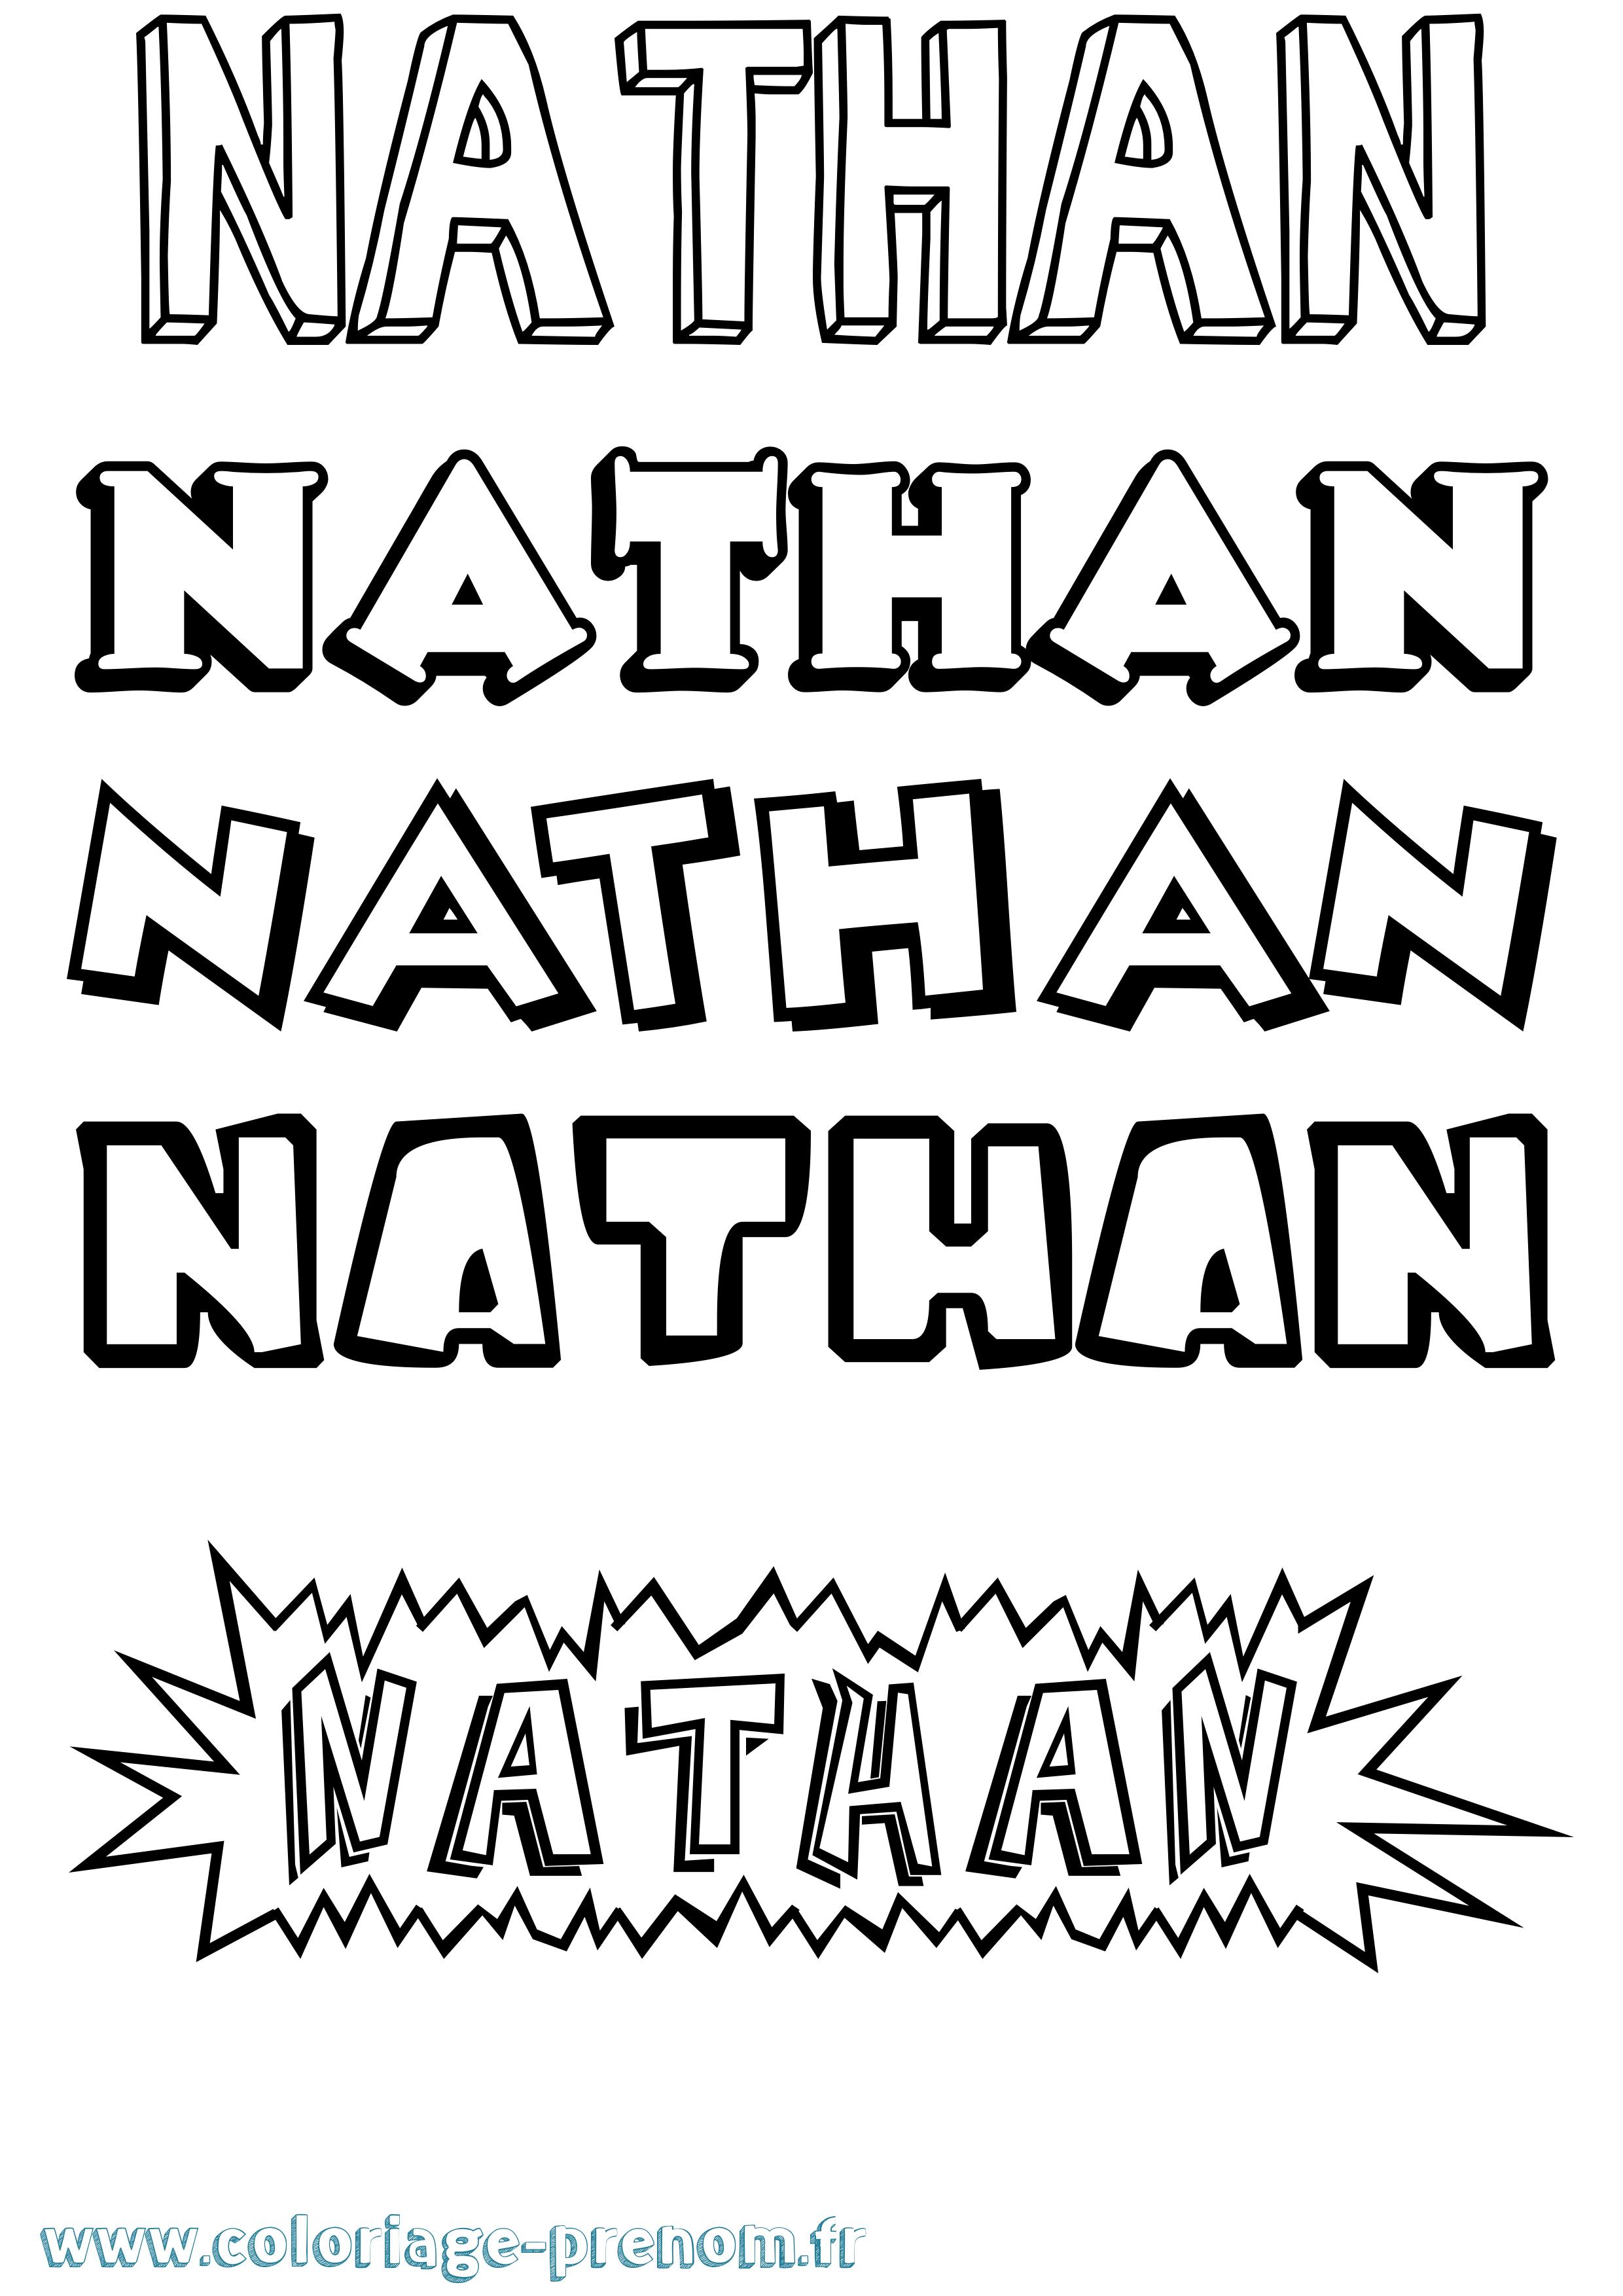 Coloriage du pr nom nathan imprimer ou t l charger - Coloriage nathan ...